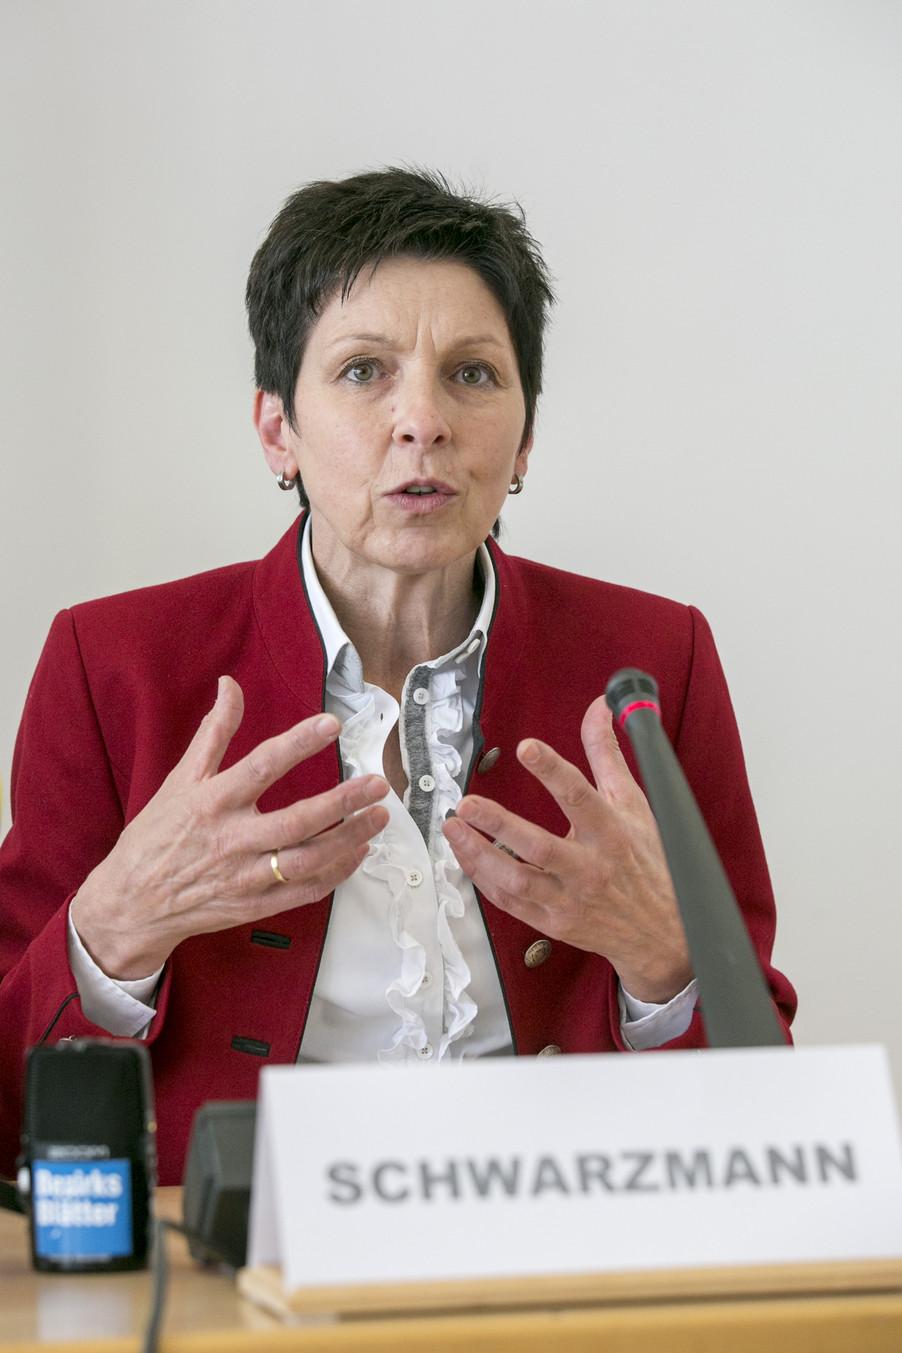 Bild 18 | Bundesbäuerinnen Tag - Pressekonferenz